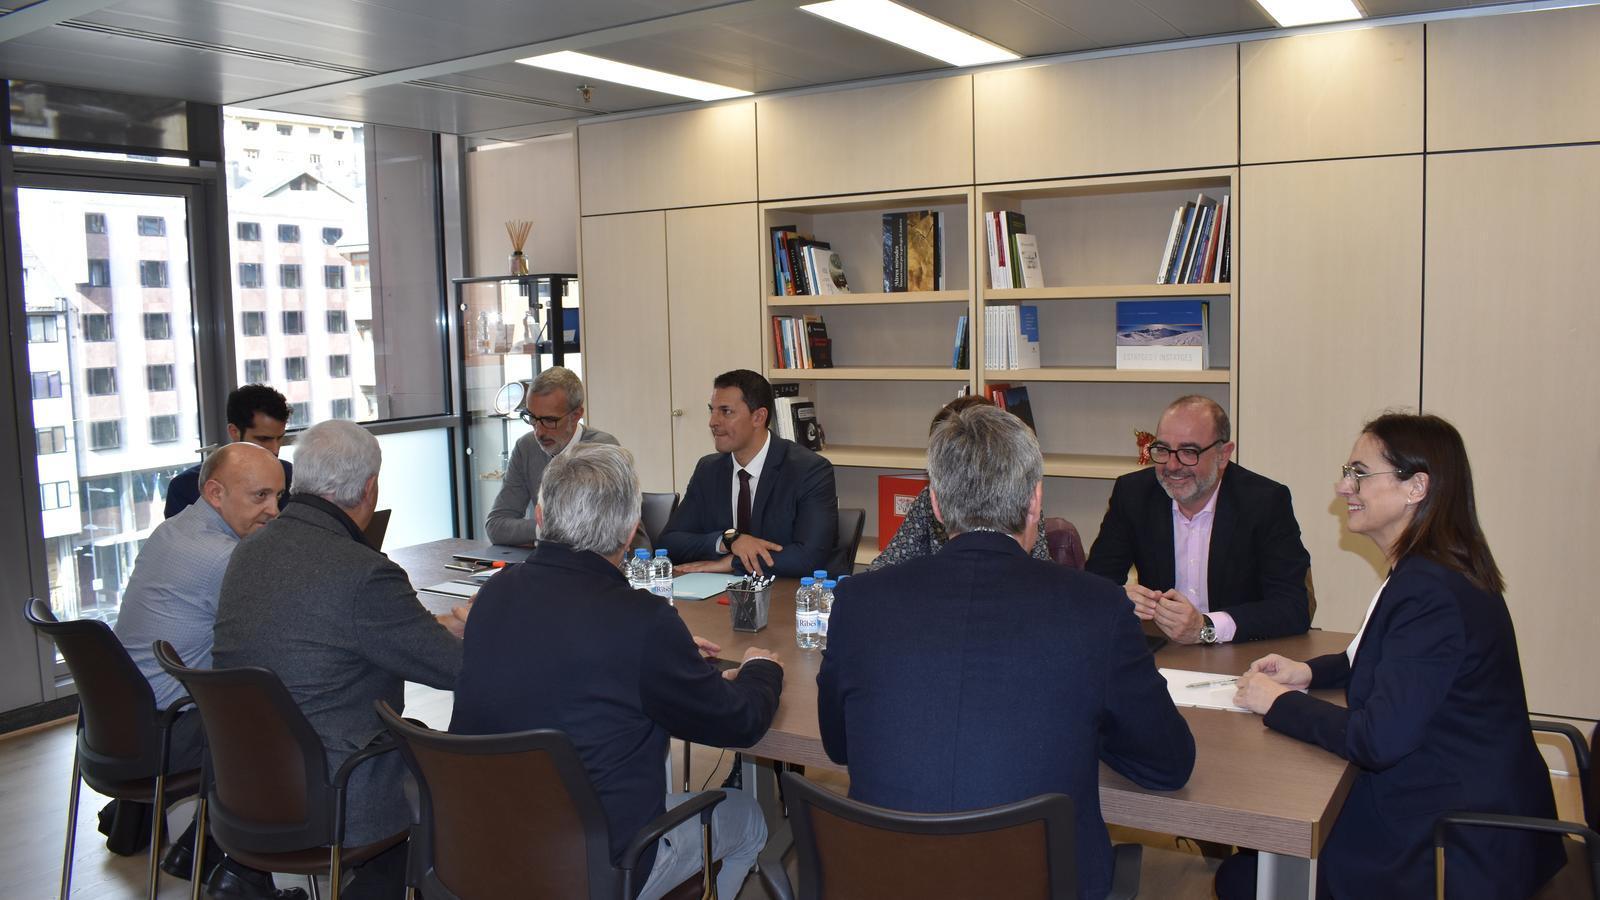 Reunió del ministre Gallardo amb la CEA i representants del sector privat. / M. R. F.